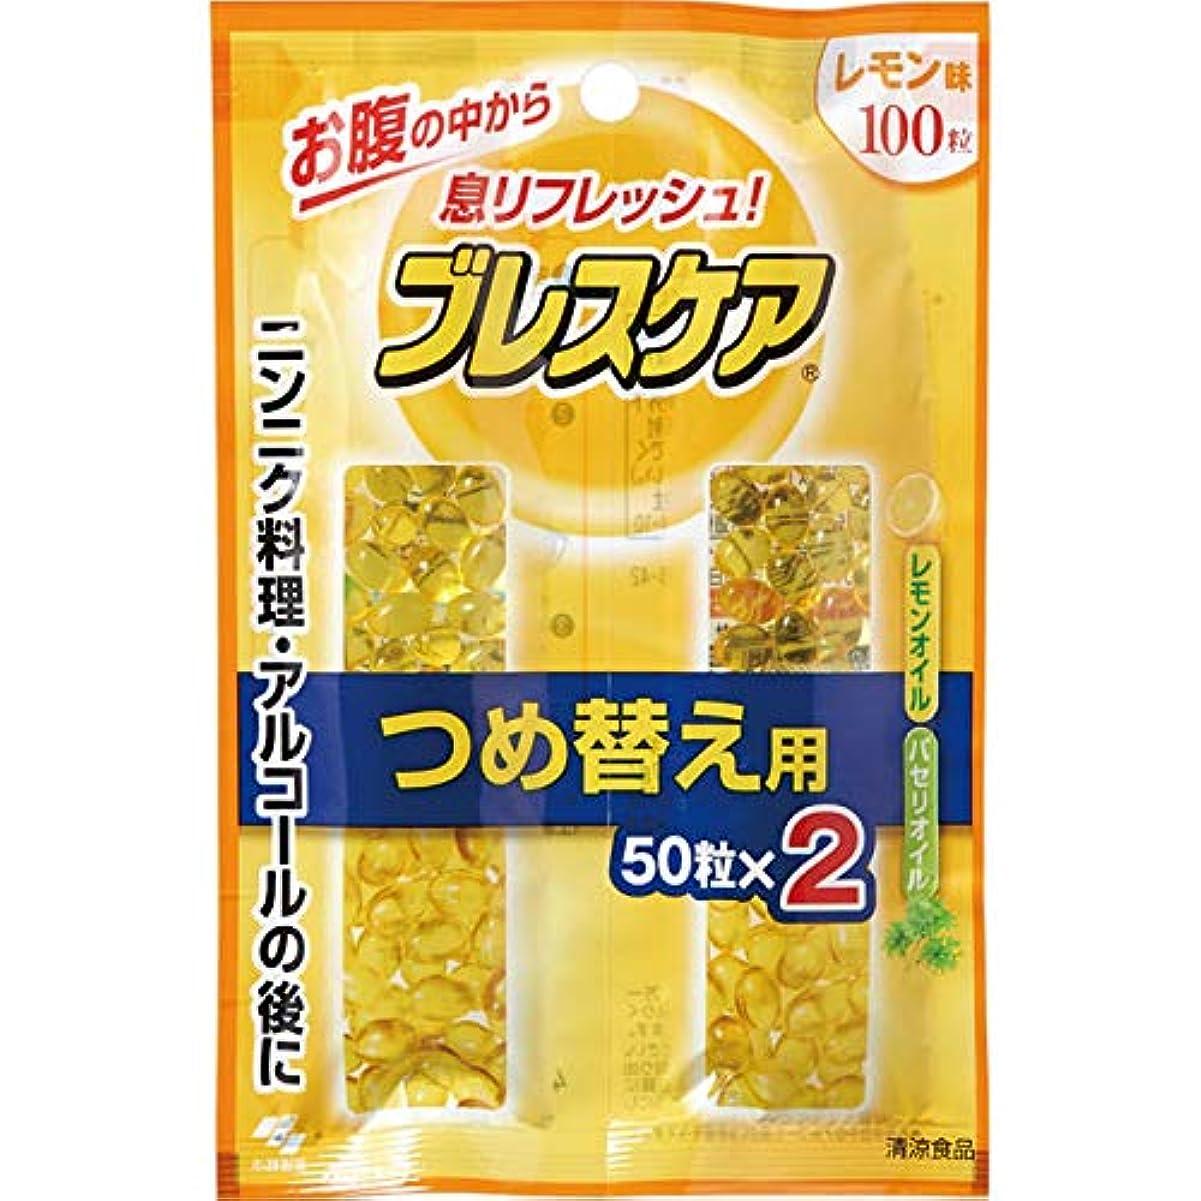 揃える製品控えめな小林製薬 ブレスケア レモン つめ替え用 50粒×2P